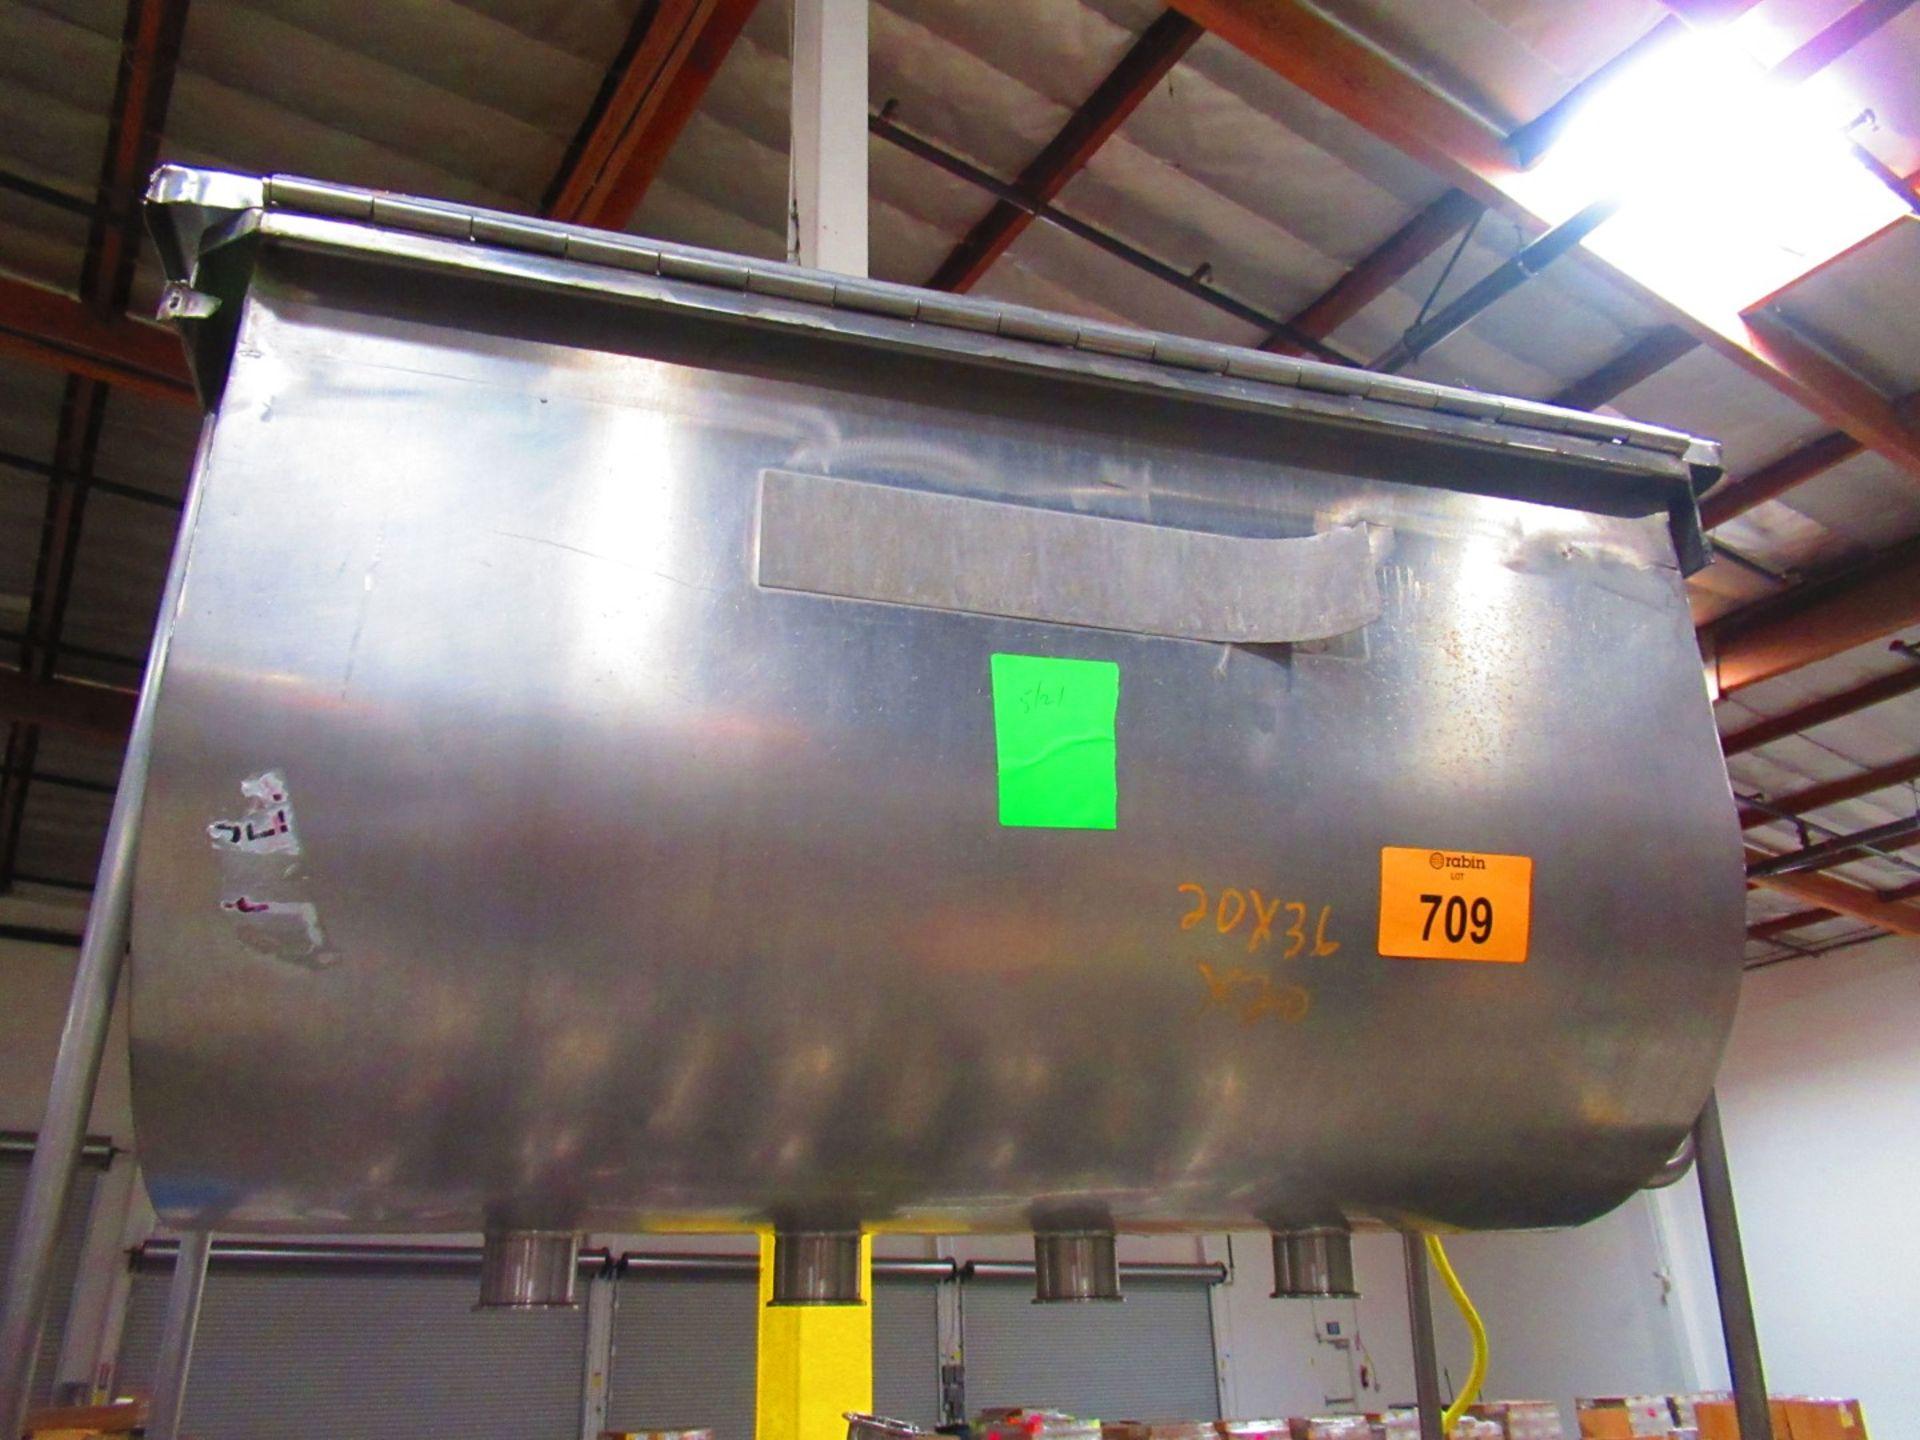 Piston Filler - Image 7 of 7